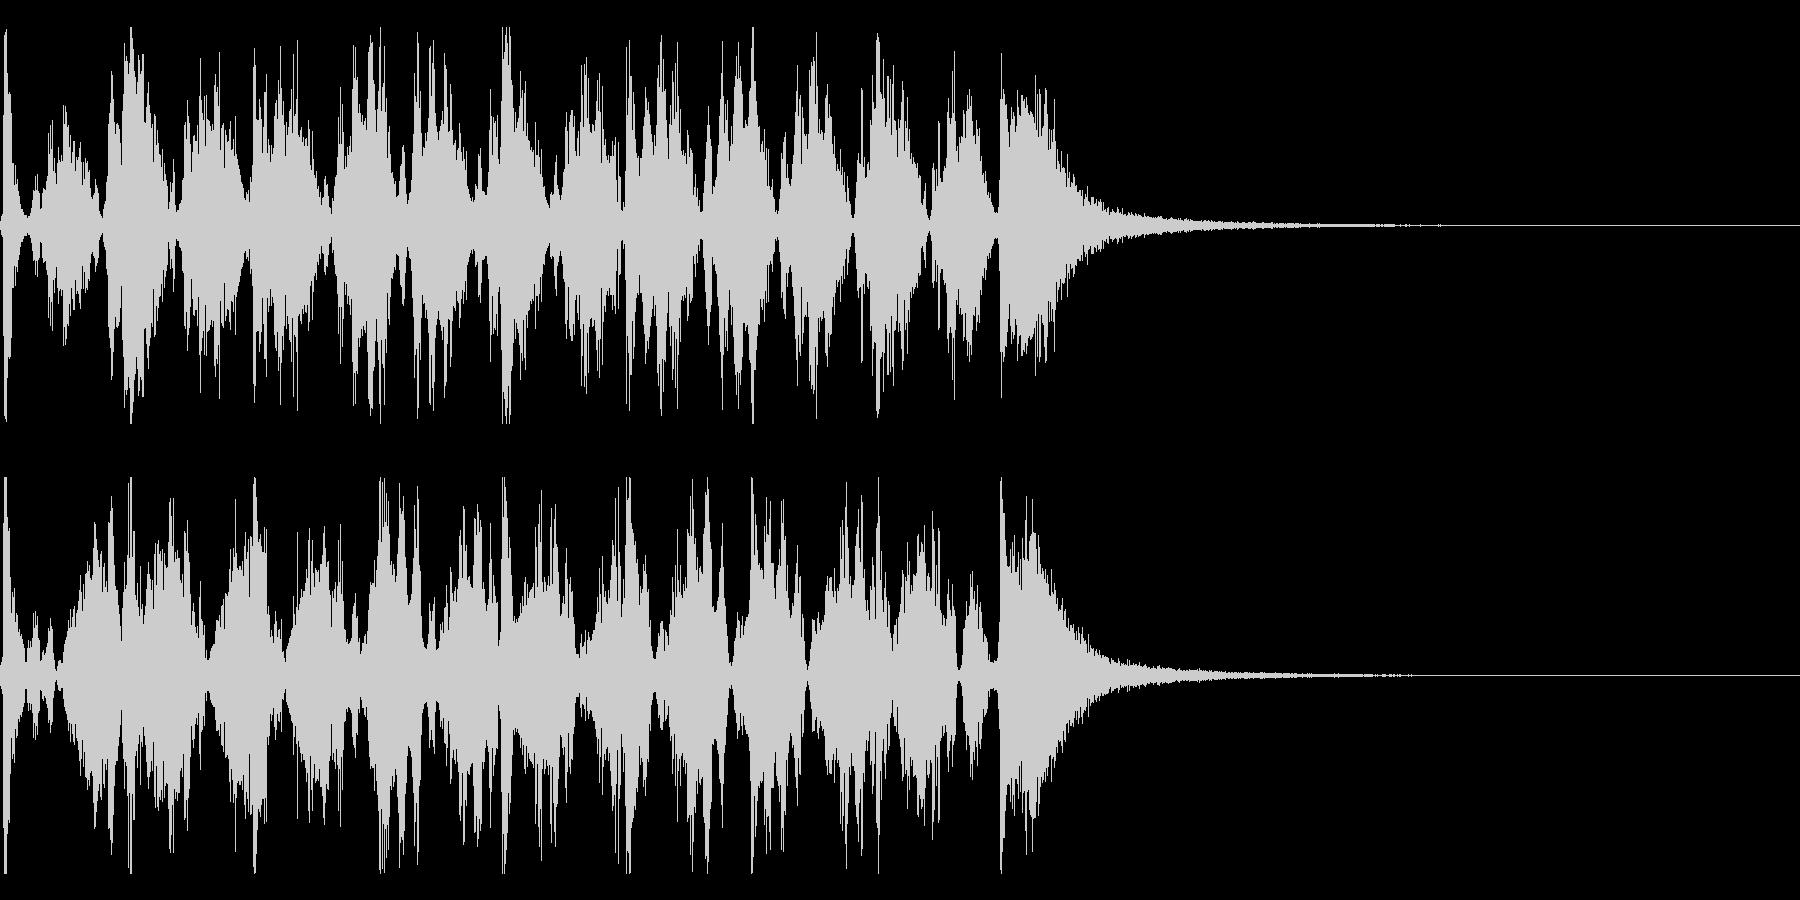 シンキングタイム用/秒針の効果音 !4の未再生の波形